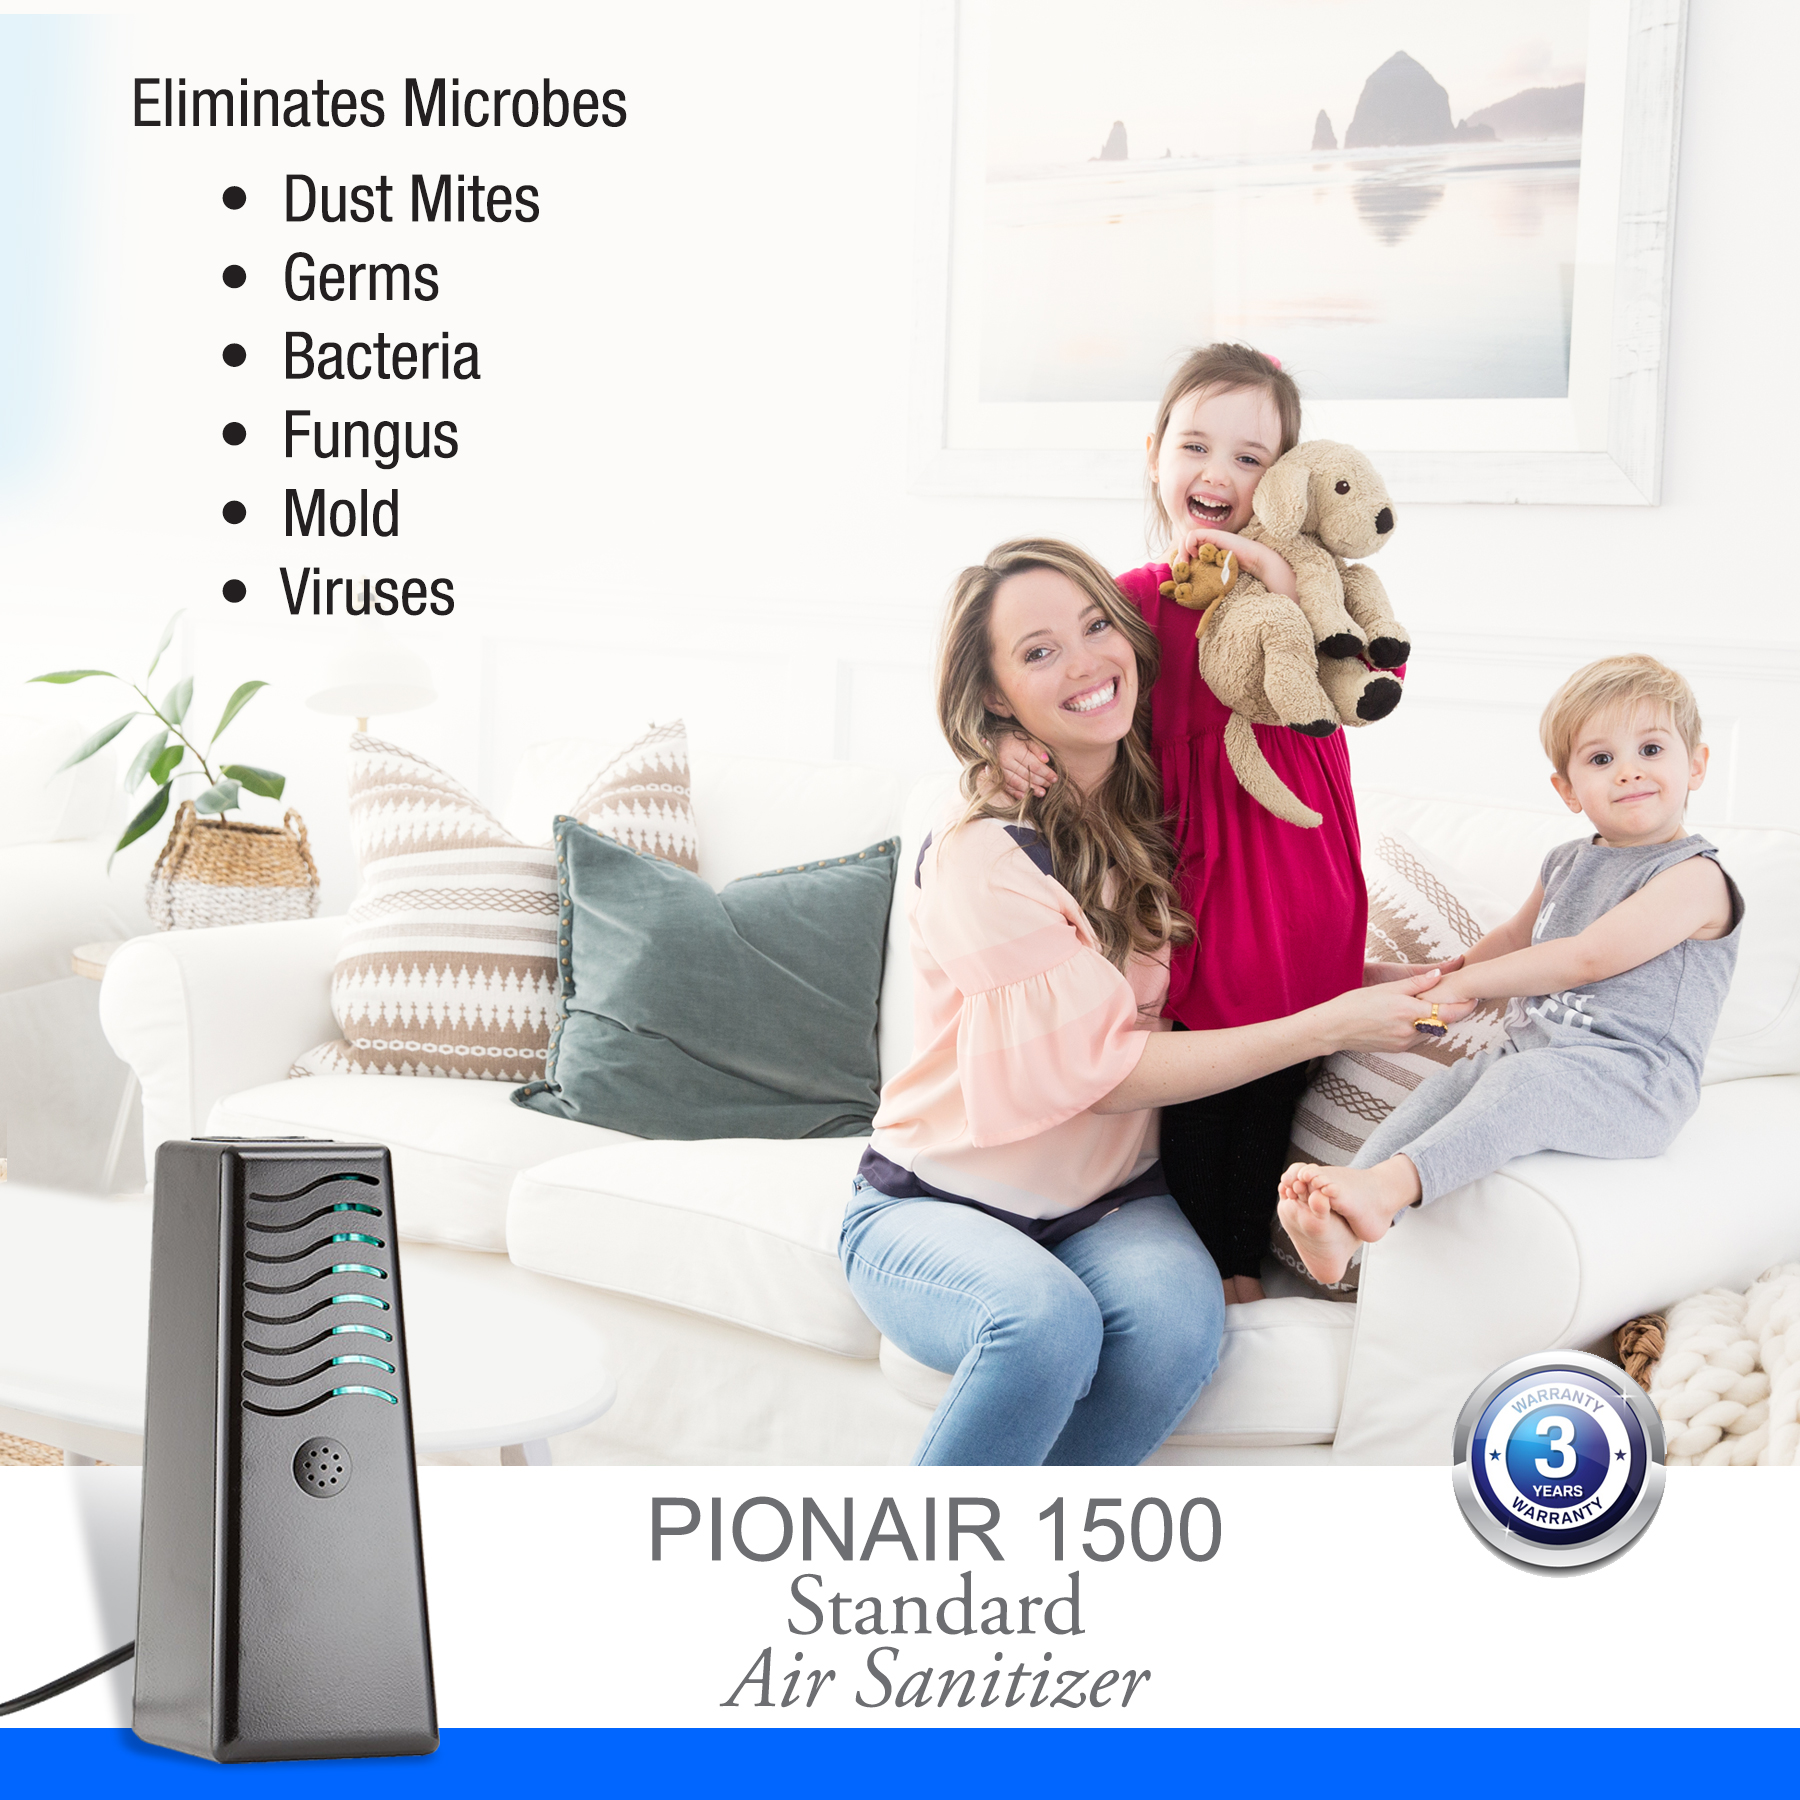 PIONAIR 1500 - 4-in-1 Air Treatment System